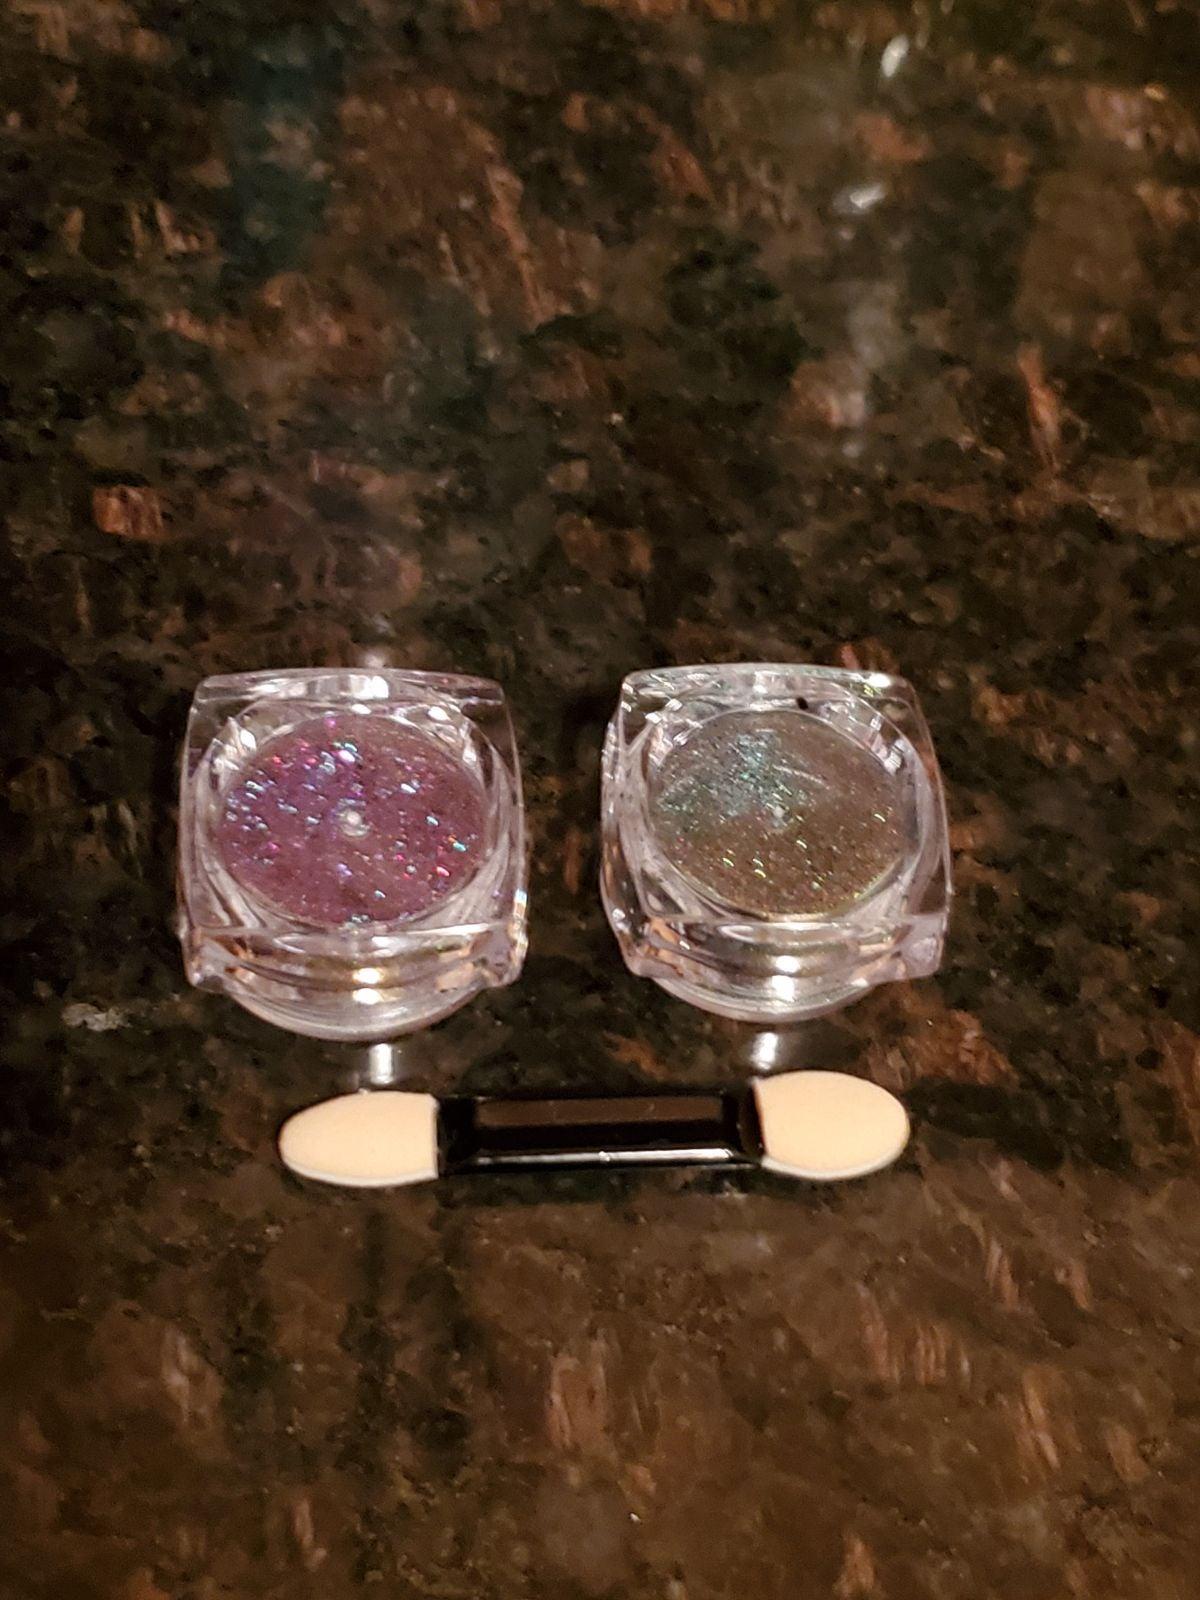 Chameleon Holographic Laser Glitter Nail